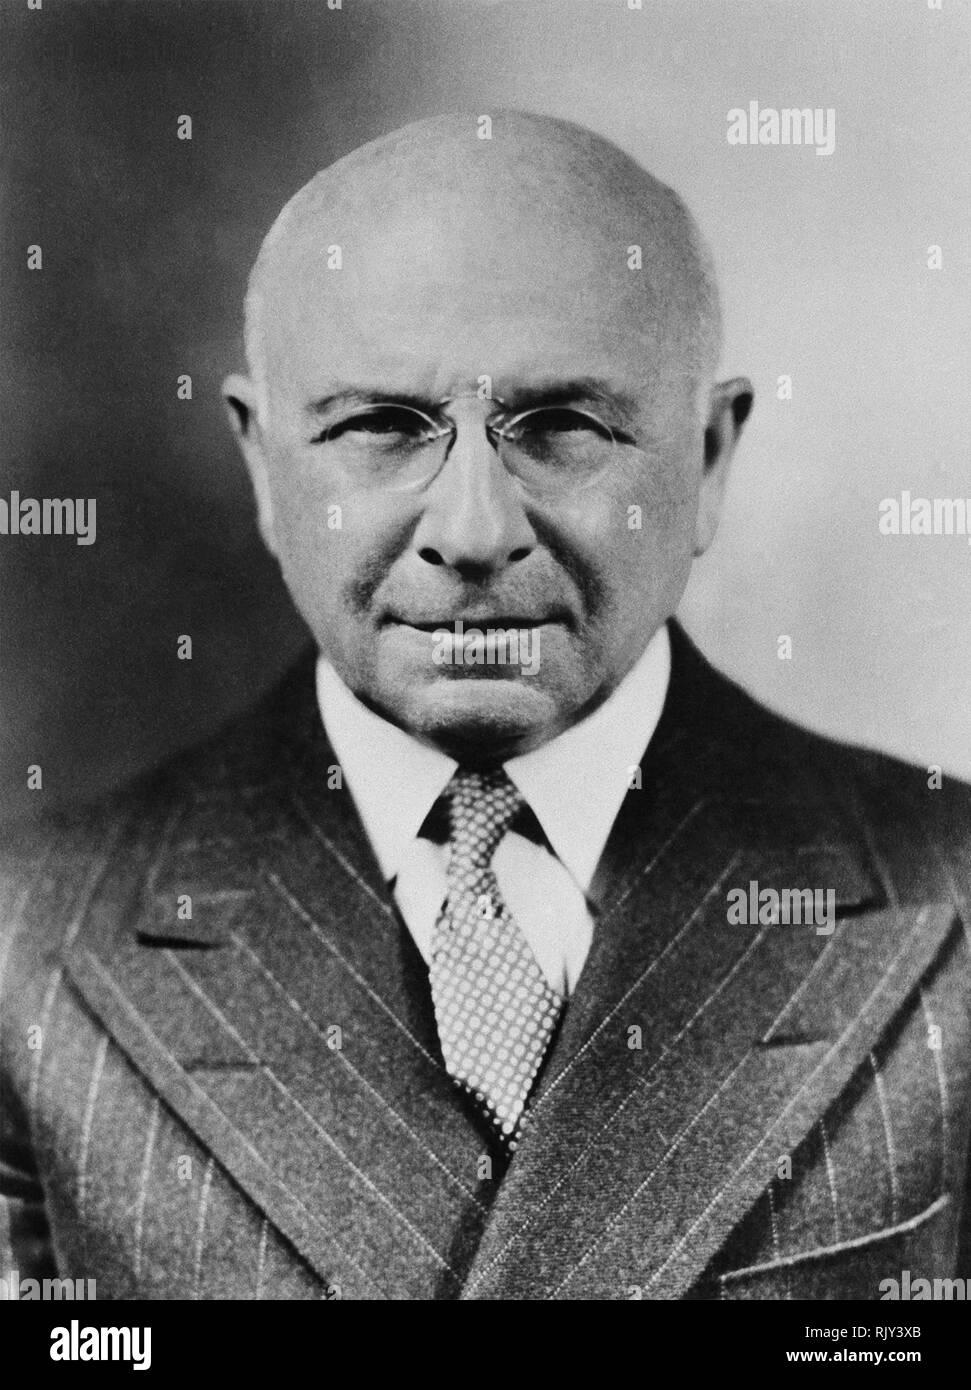 ALEXIS CARREL (1873-1944), französischer Chirurg und Biologe Stockbild